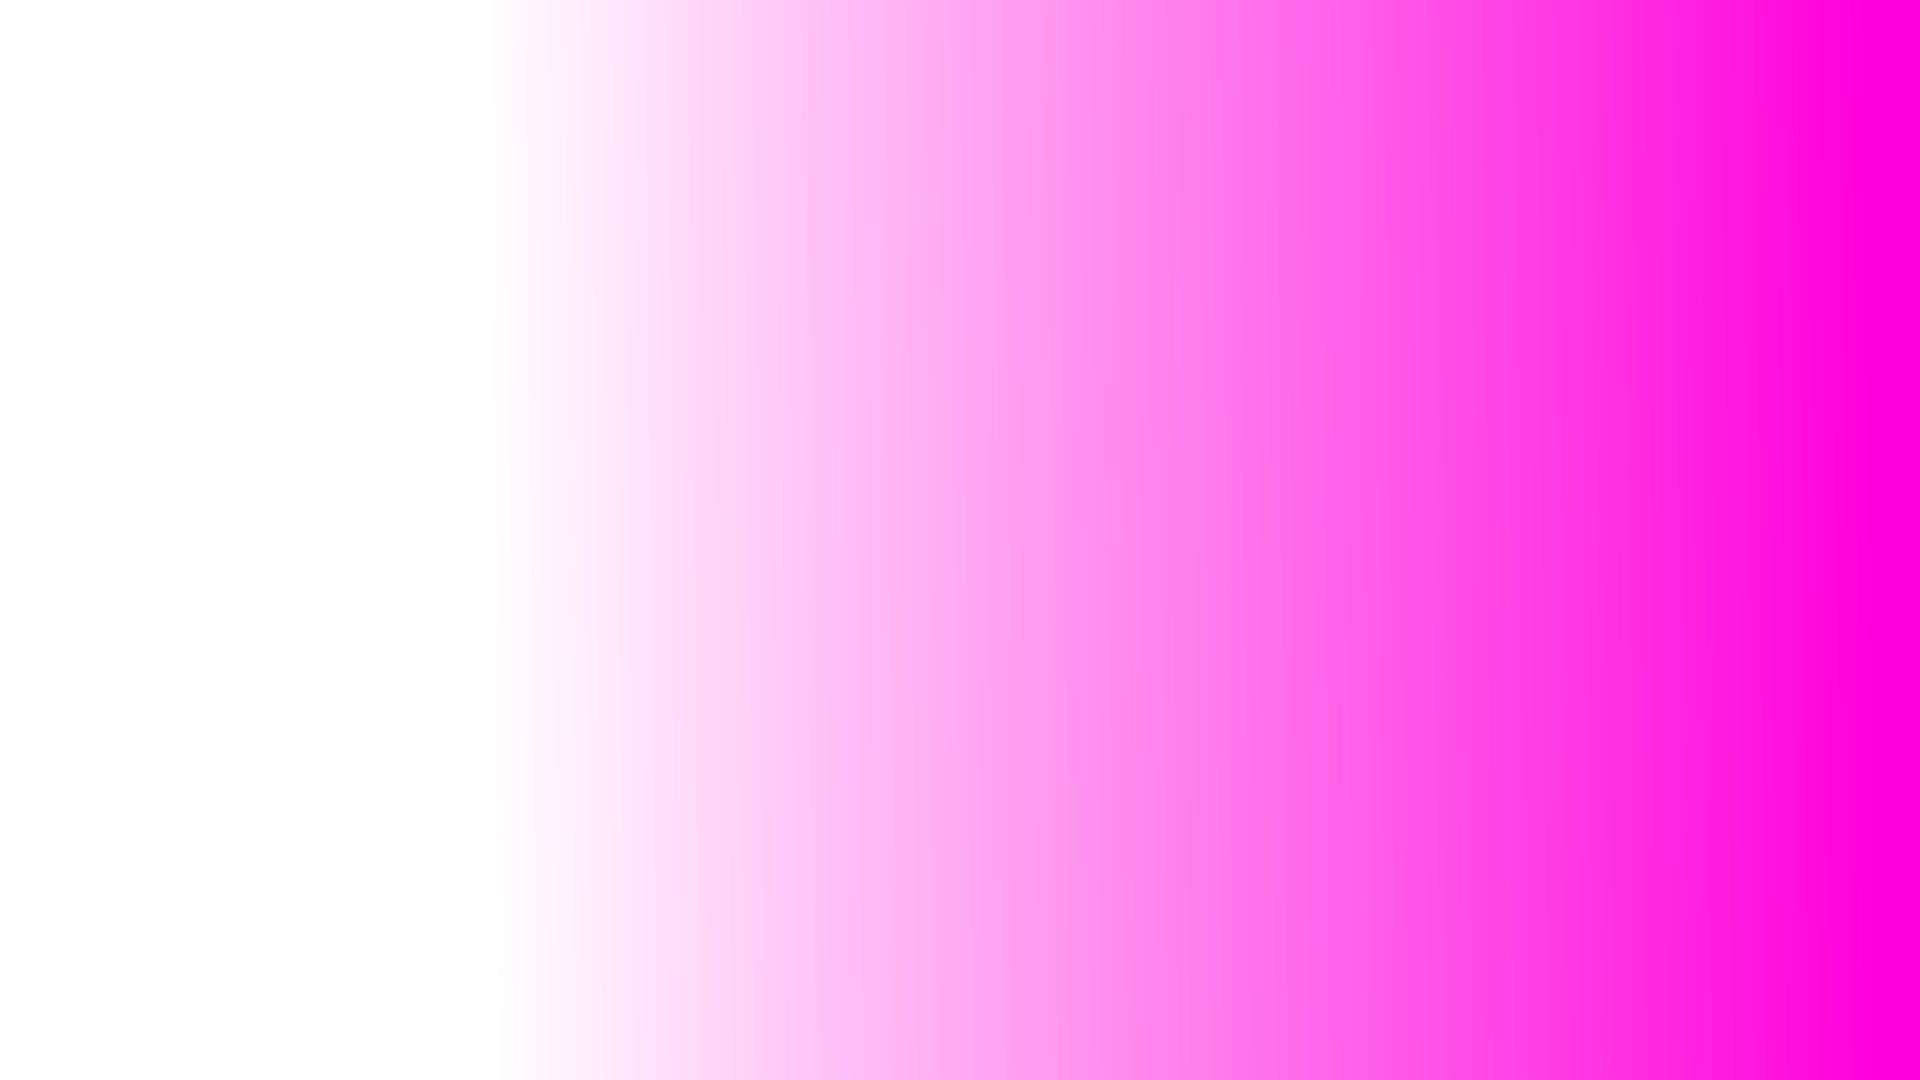 Pink Gradient 892003